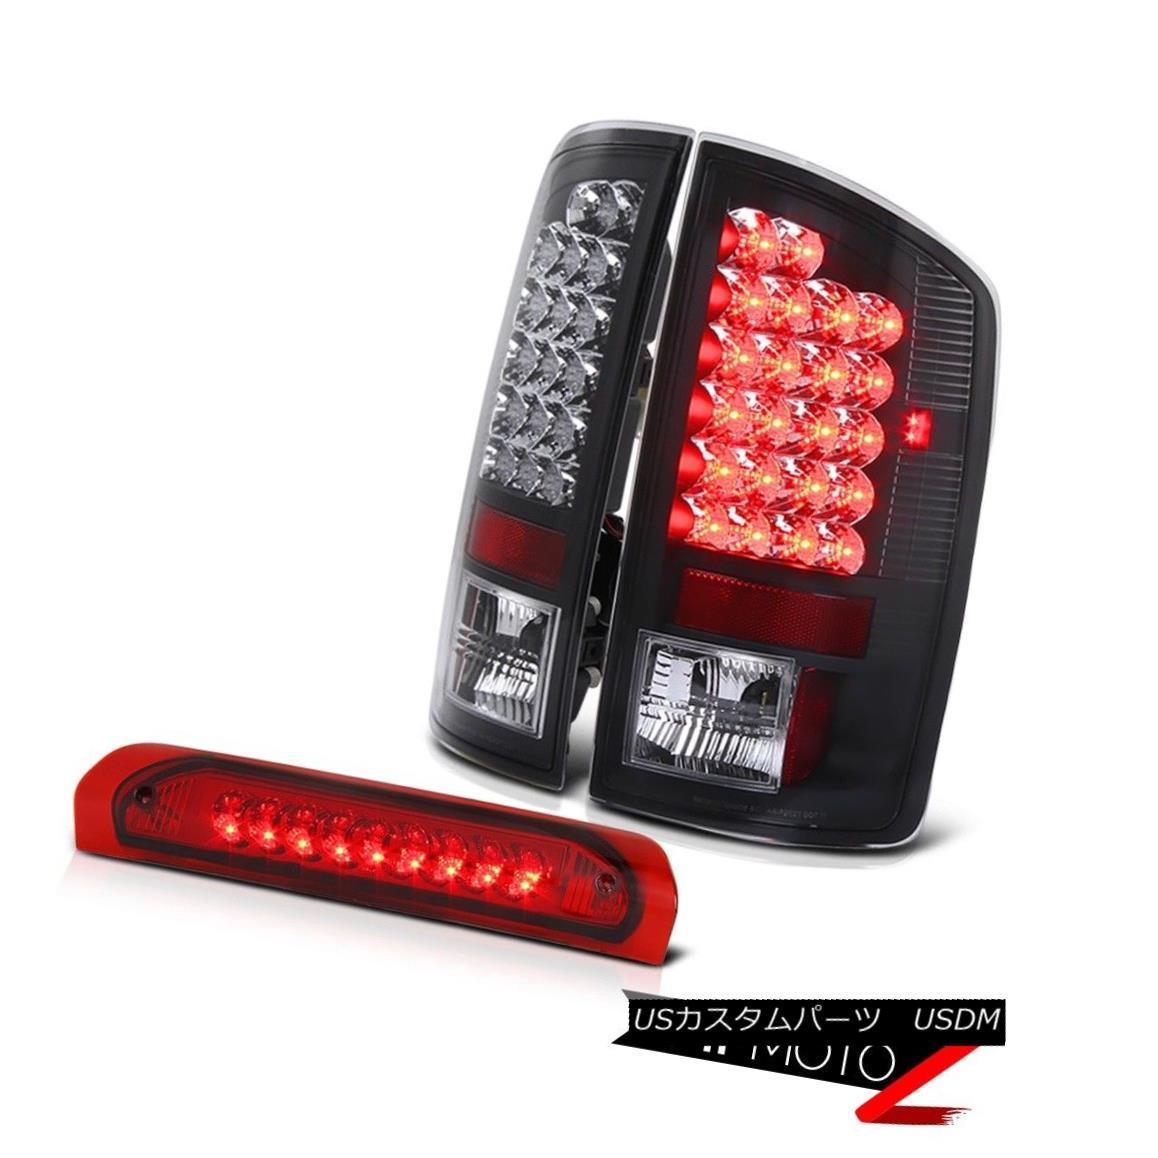 テールライト 02-05 Dodge Ram 1500/2500/3500 Truck Black Led Tail Light+RED LED 3rd Brake Lamp 02-05 Dodge Ram 1500/2500/3500トラックブラックLedテールライト+ RED LED第3ブレーキランプ